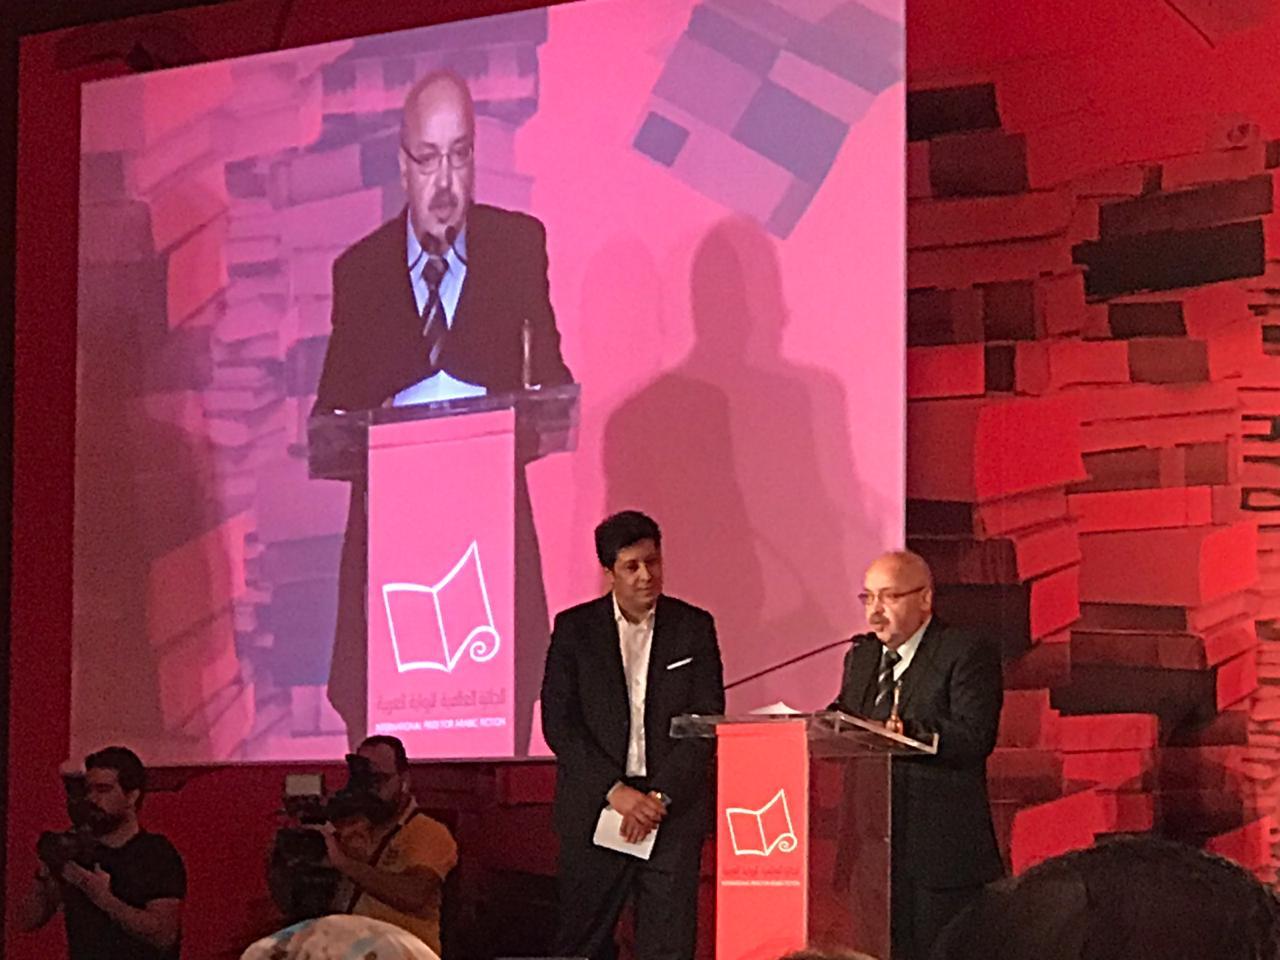 حفل إعلان الرواية الفائزة جائزة البوكر 2019 للرواية العربية (5)